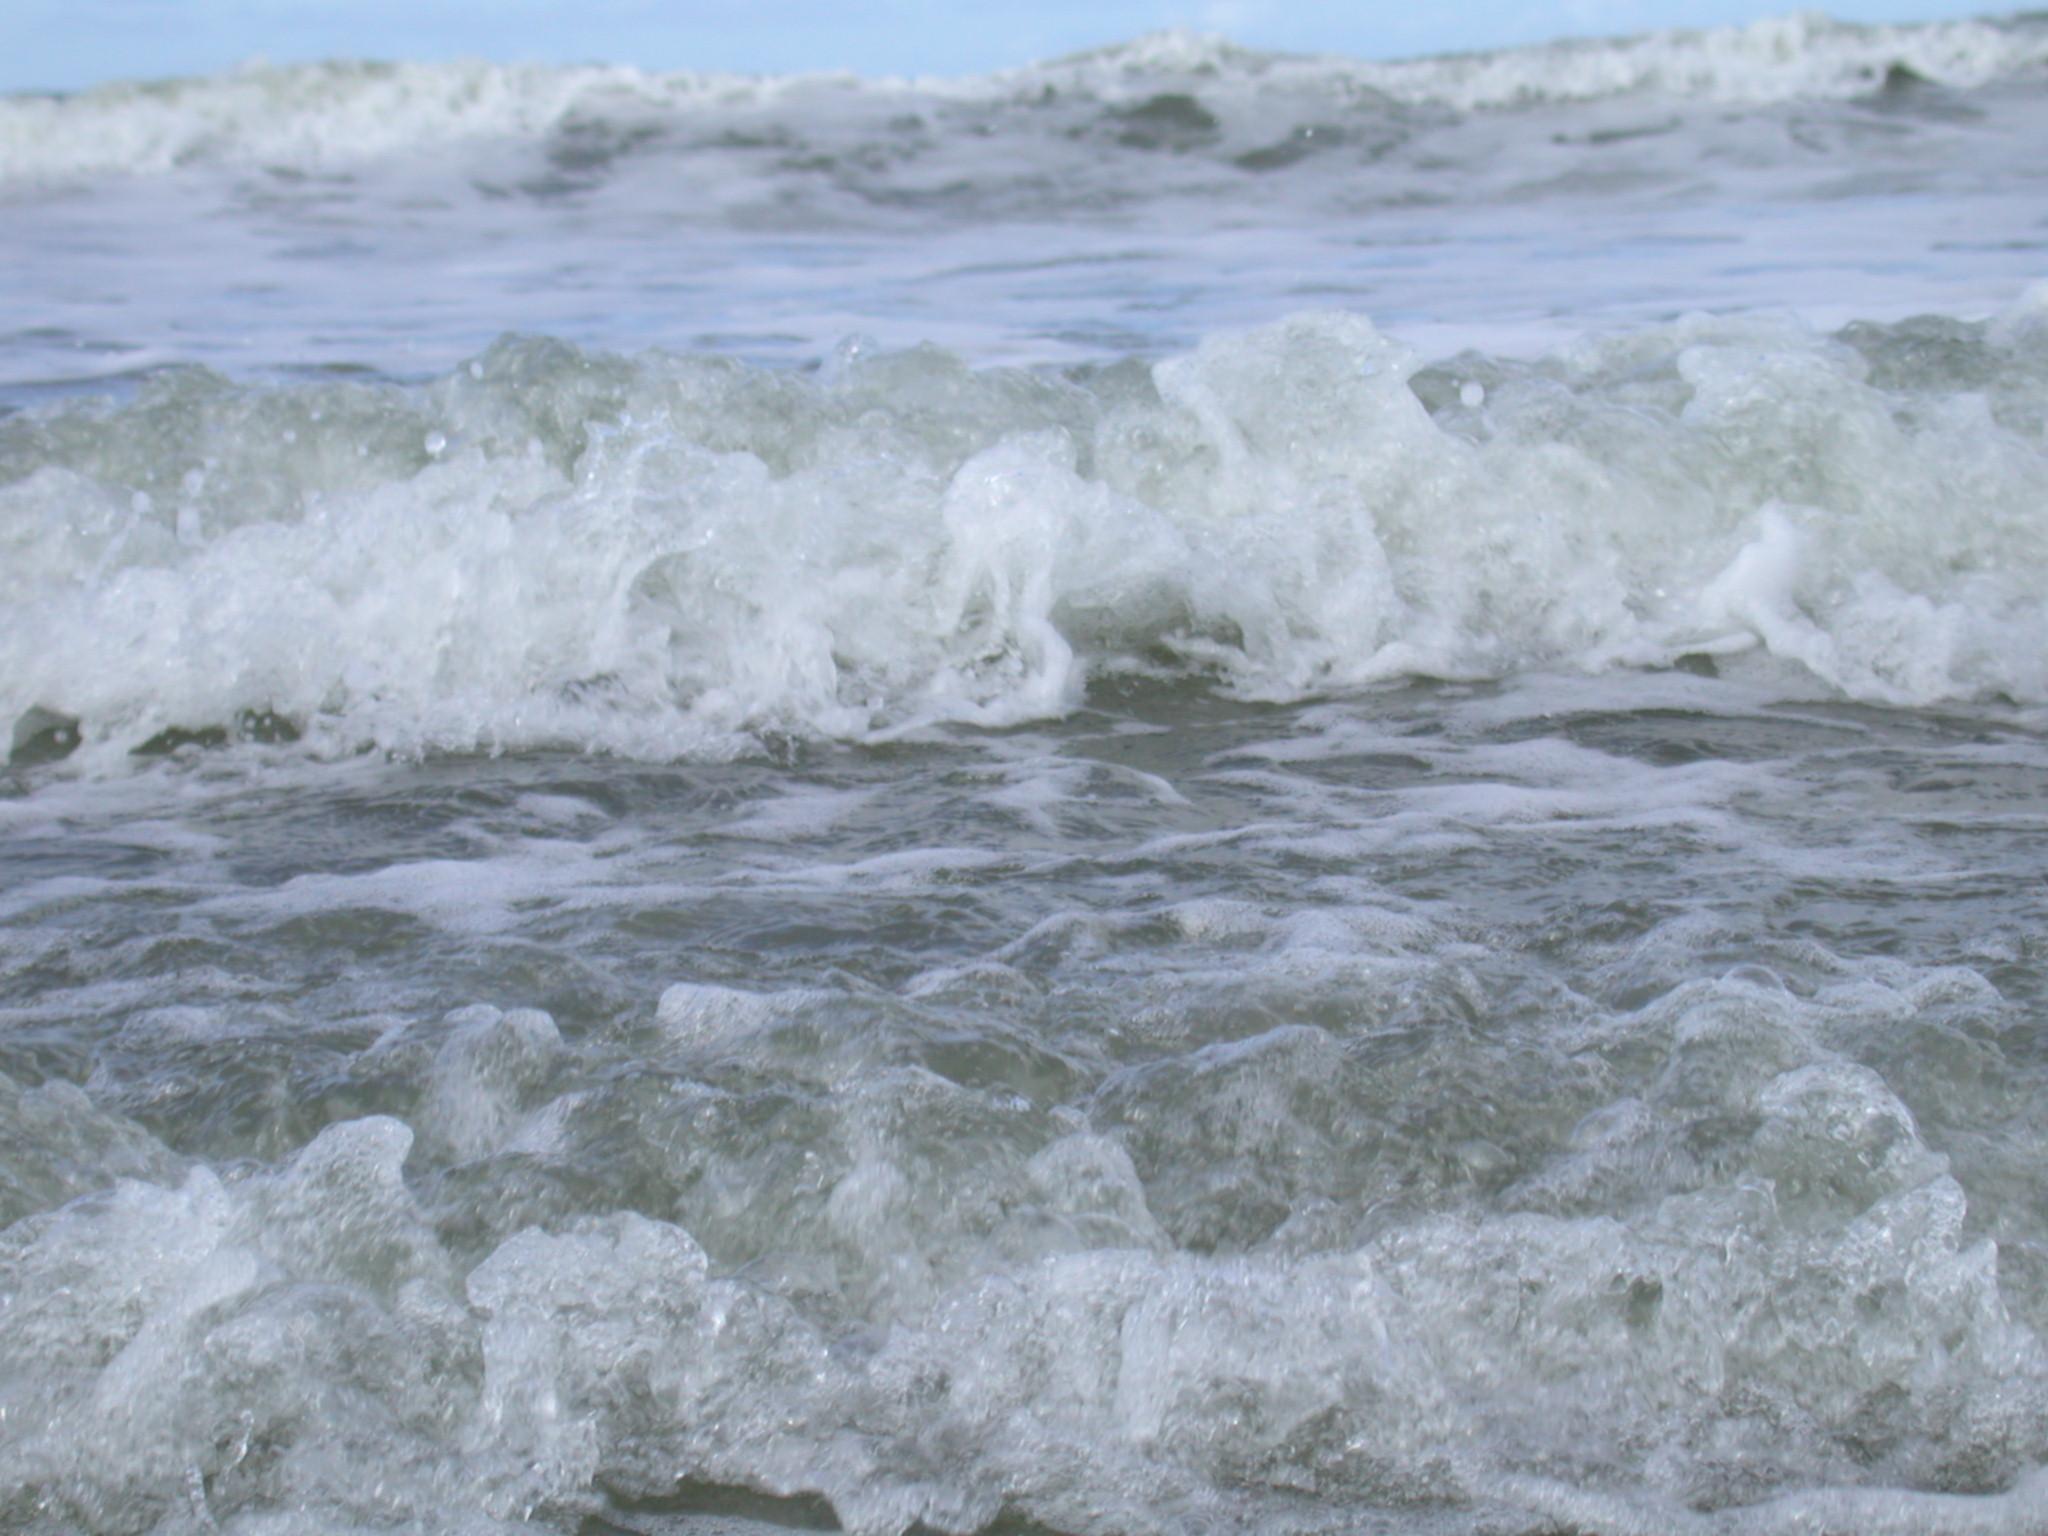 waves beach water sea ocean